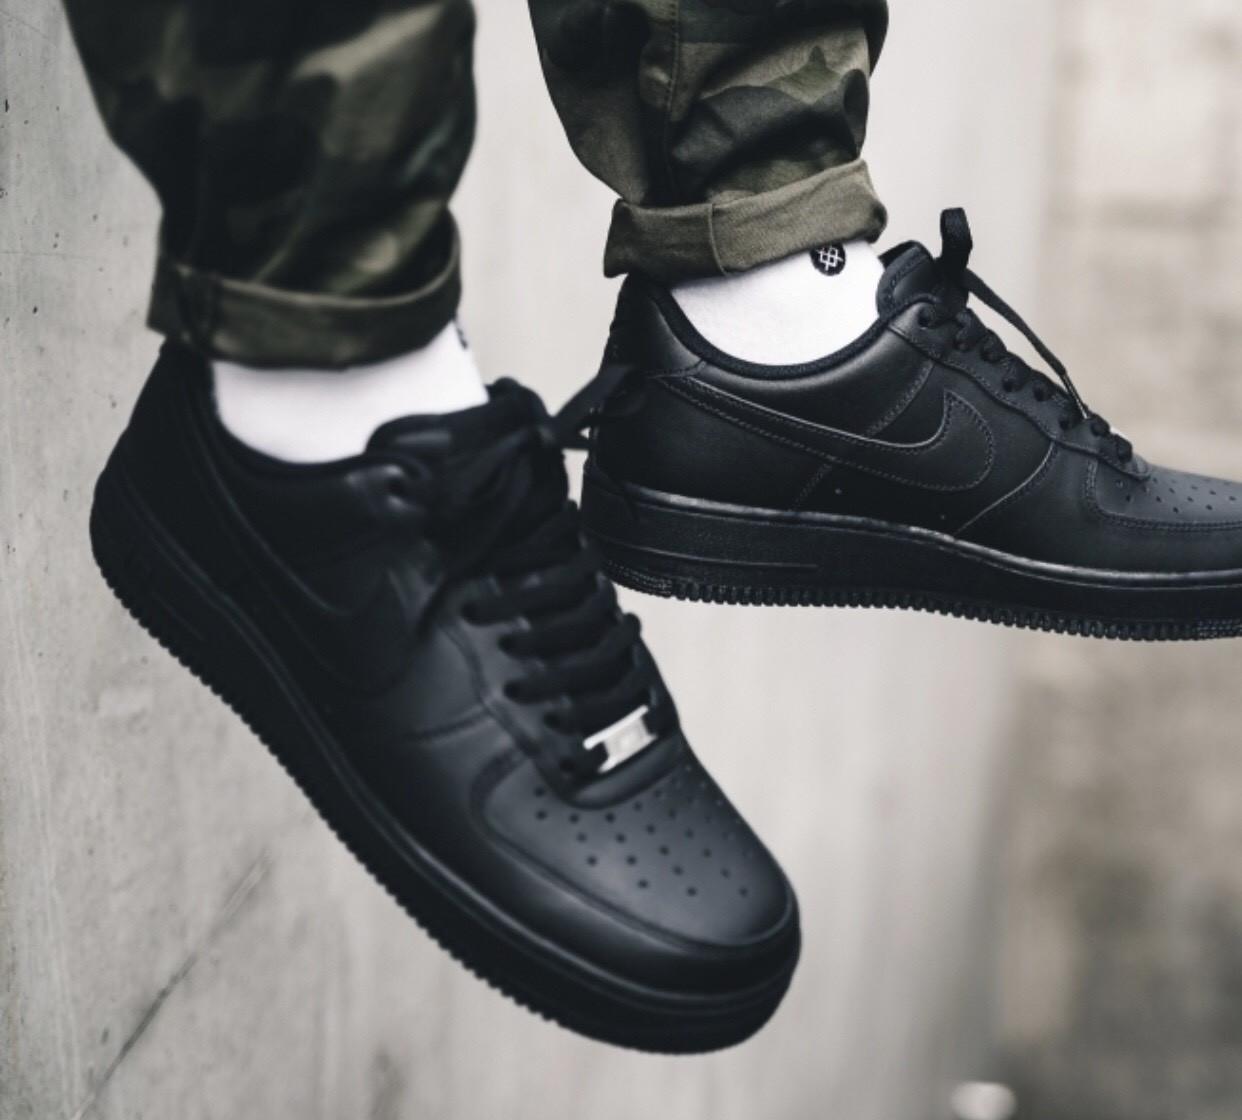 7b5ac10d Кроссовки Nike Air Force 1 07/ Black 0142, цена 3 000 грн., купить в ...